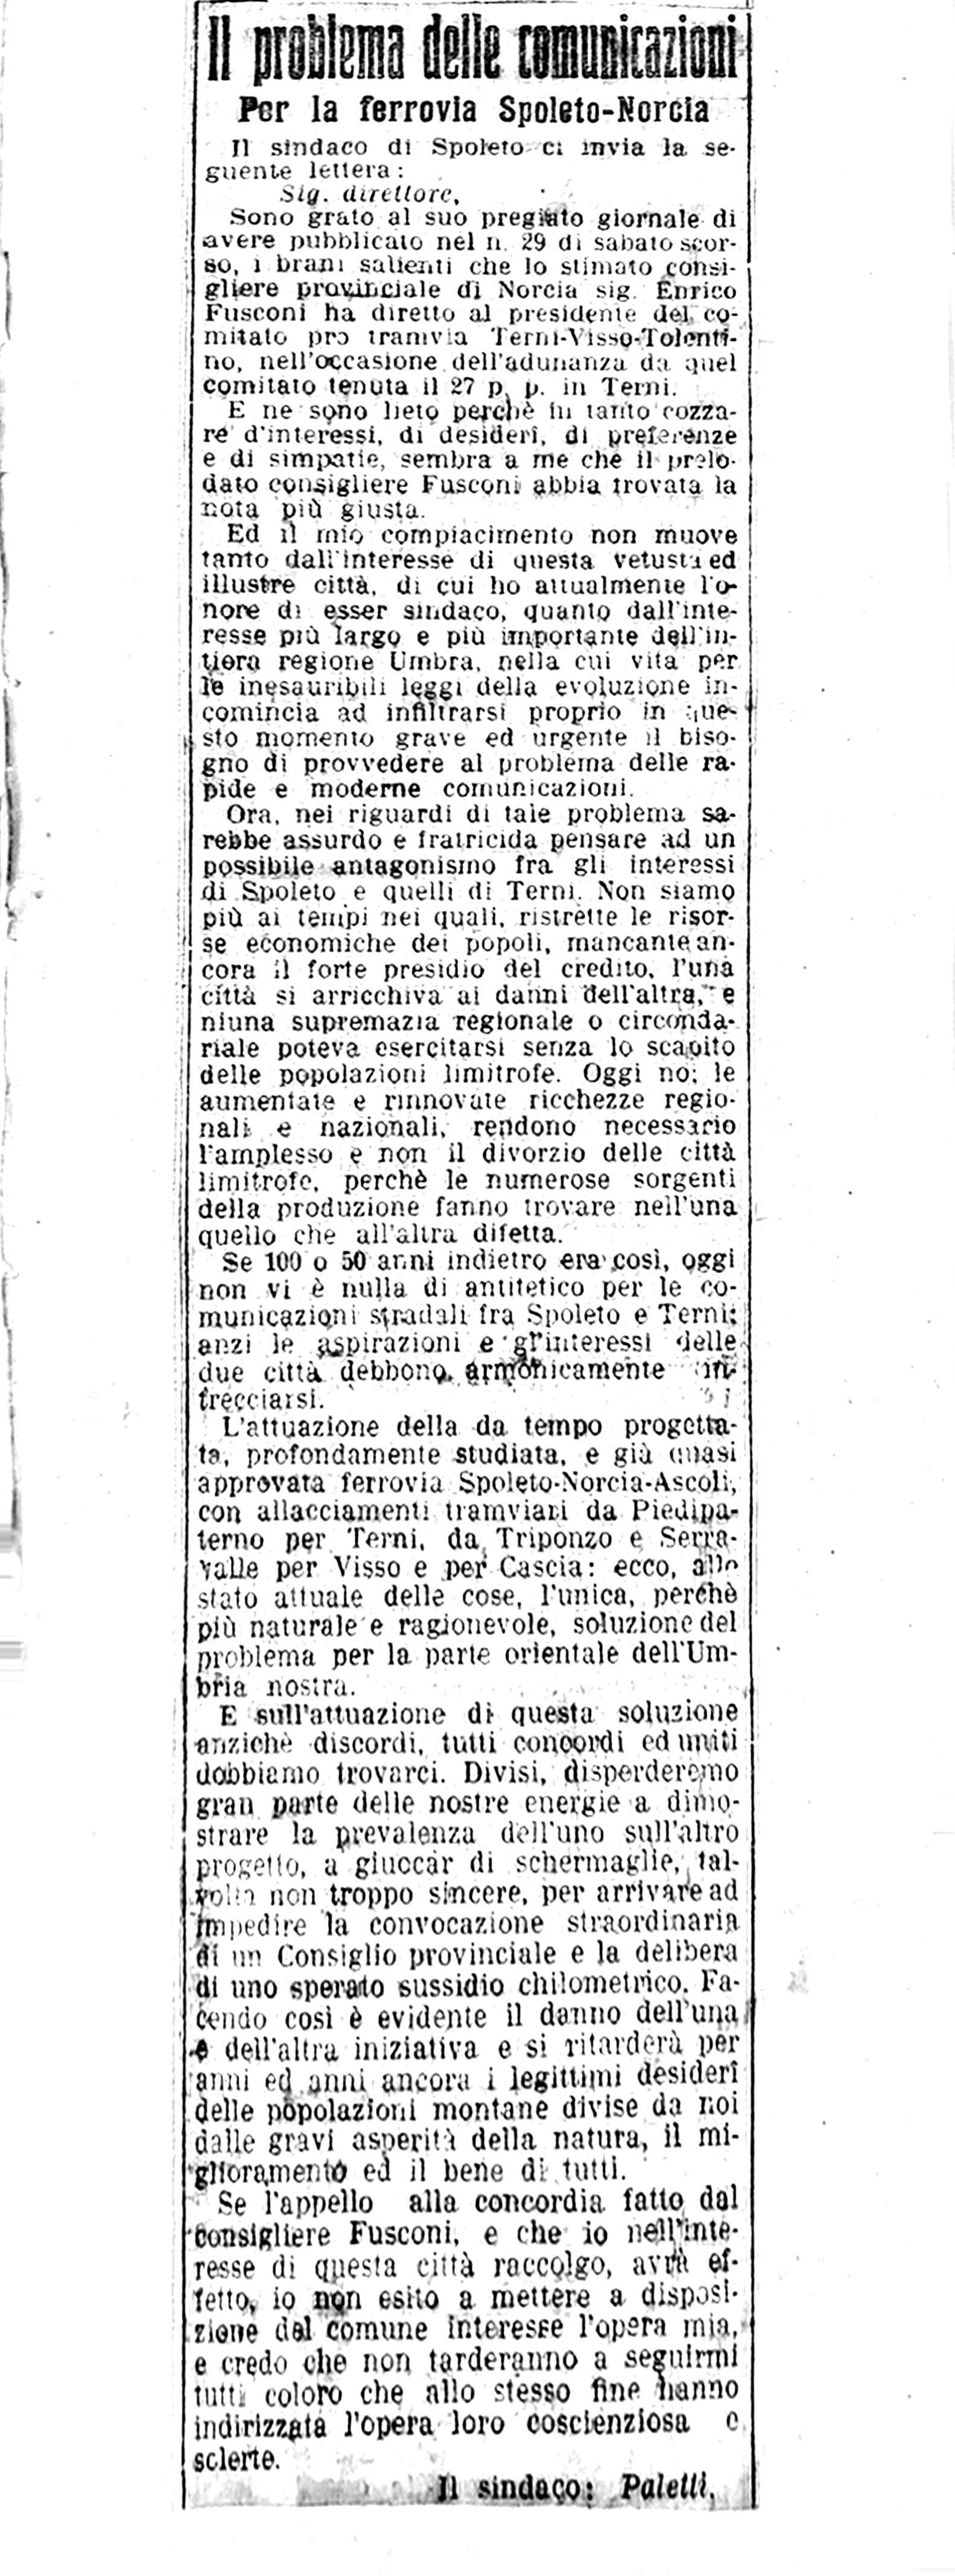 Il Messaggero | 2 febbraio 1910